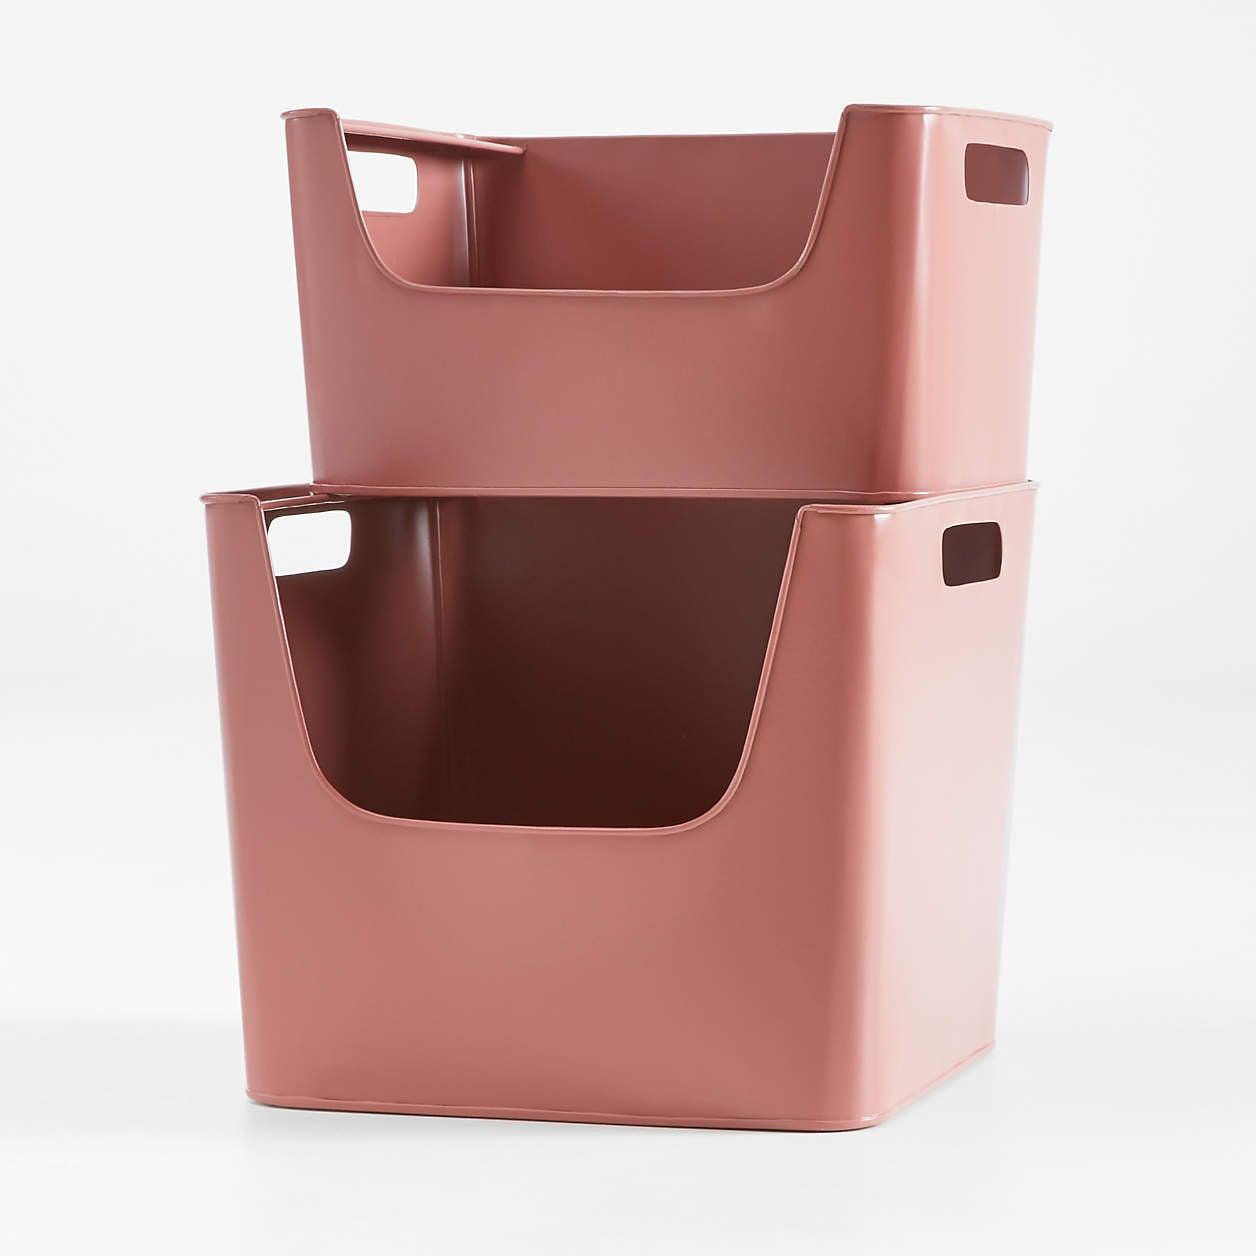 large-red-metal-stacking-storage-bin